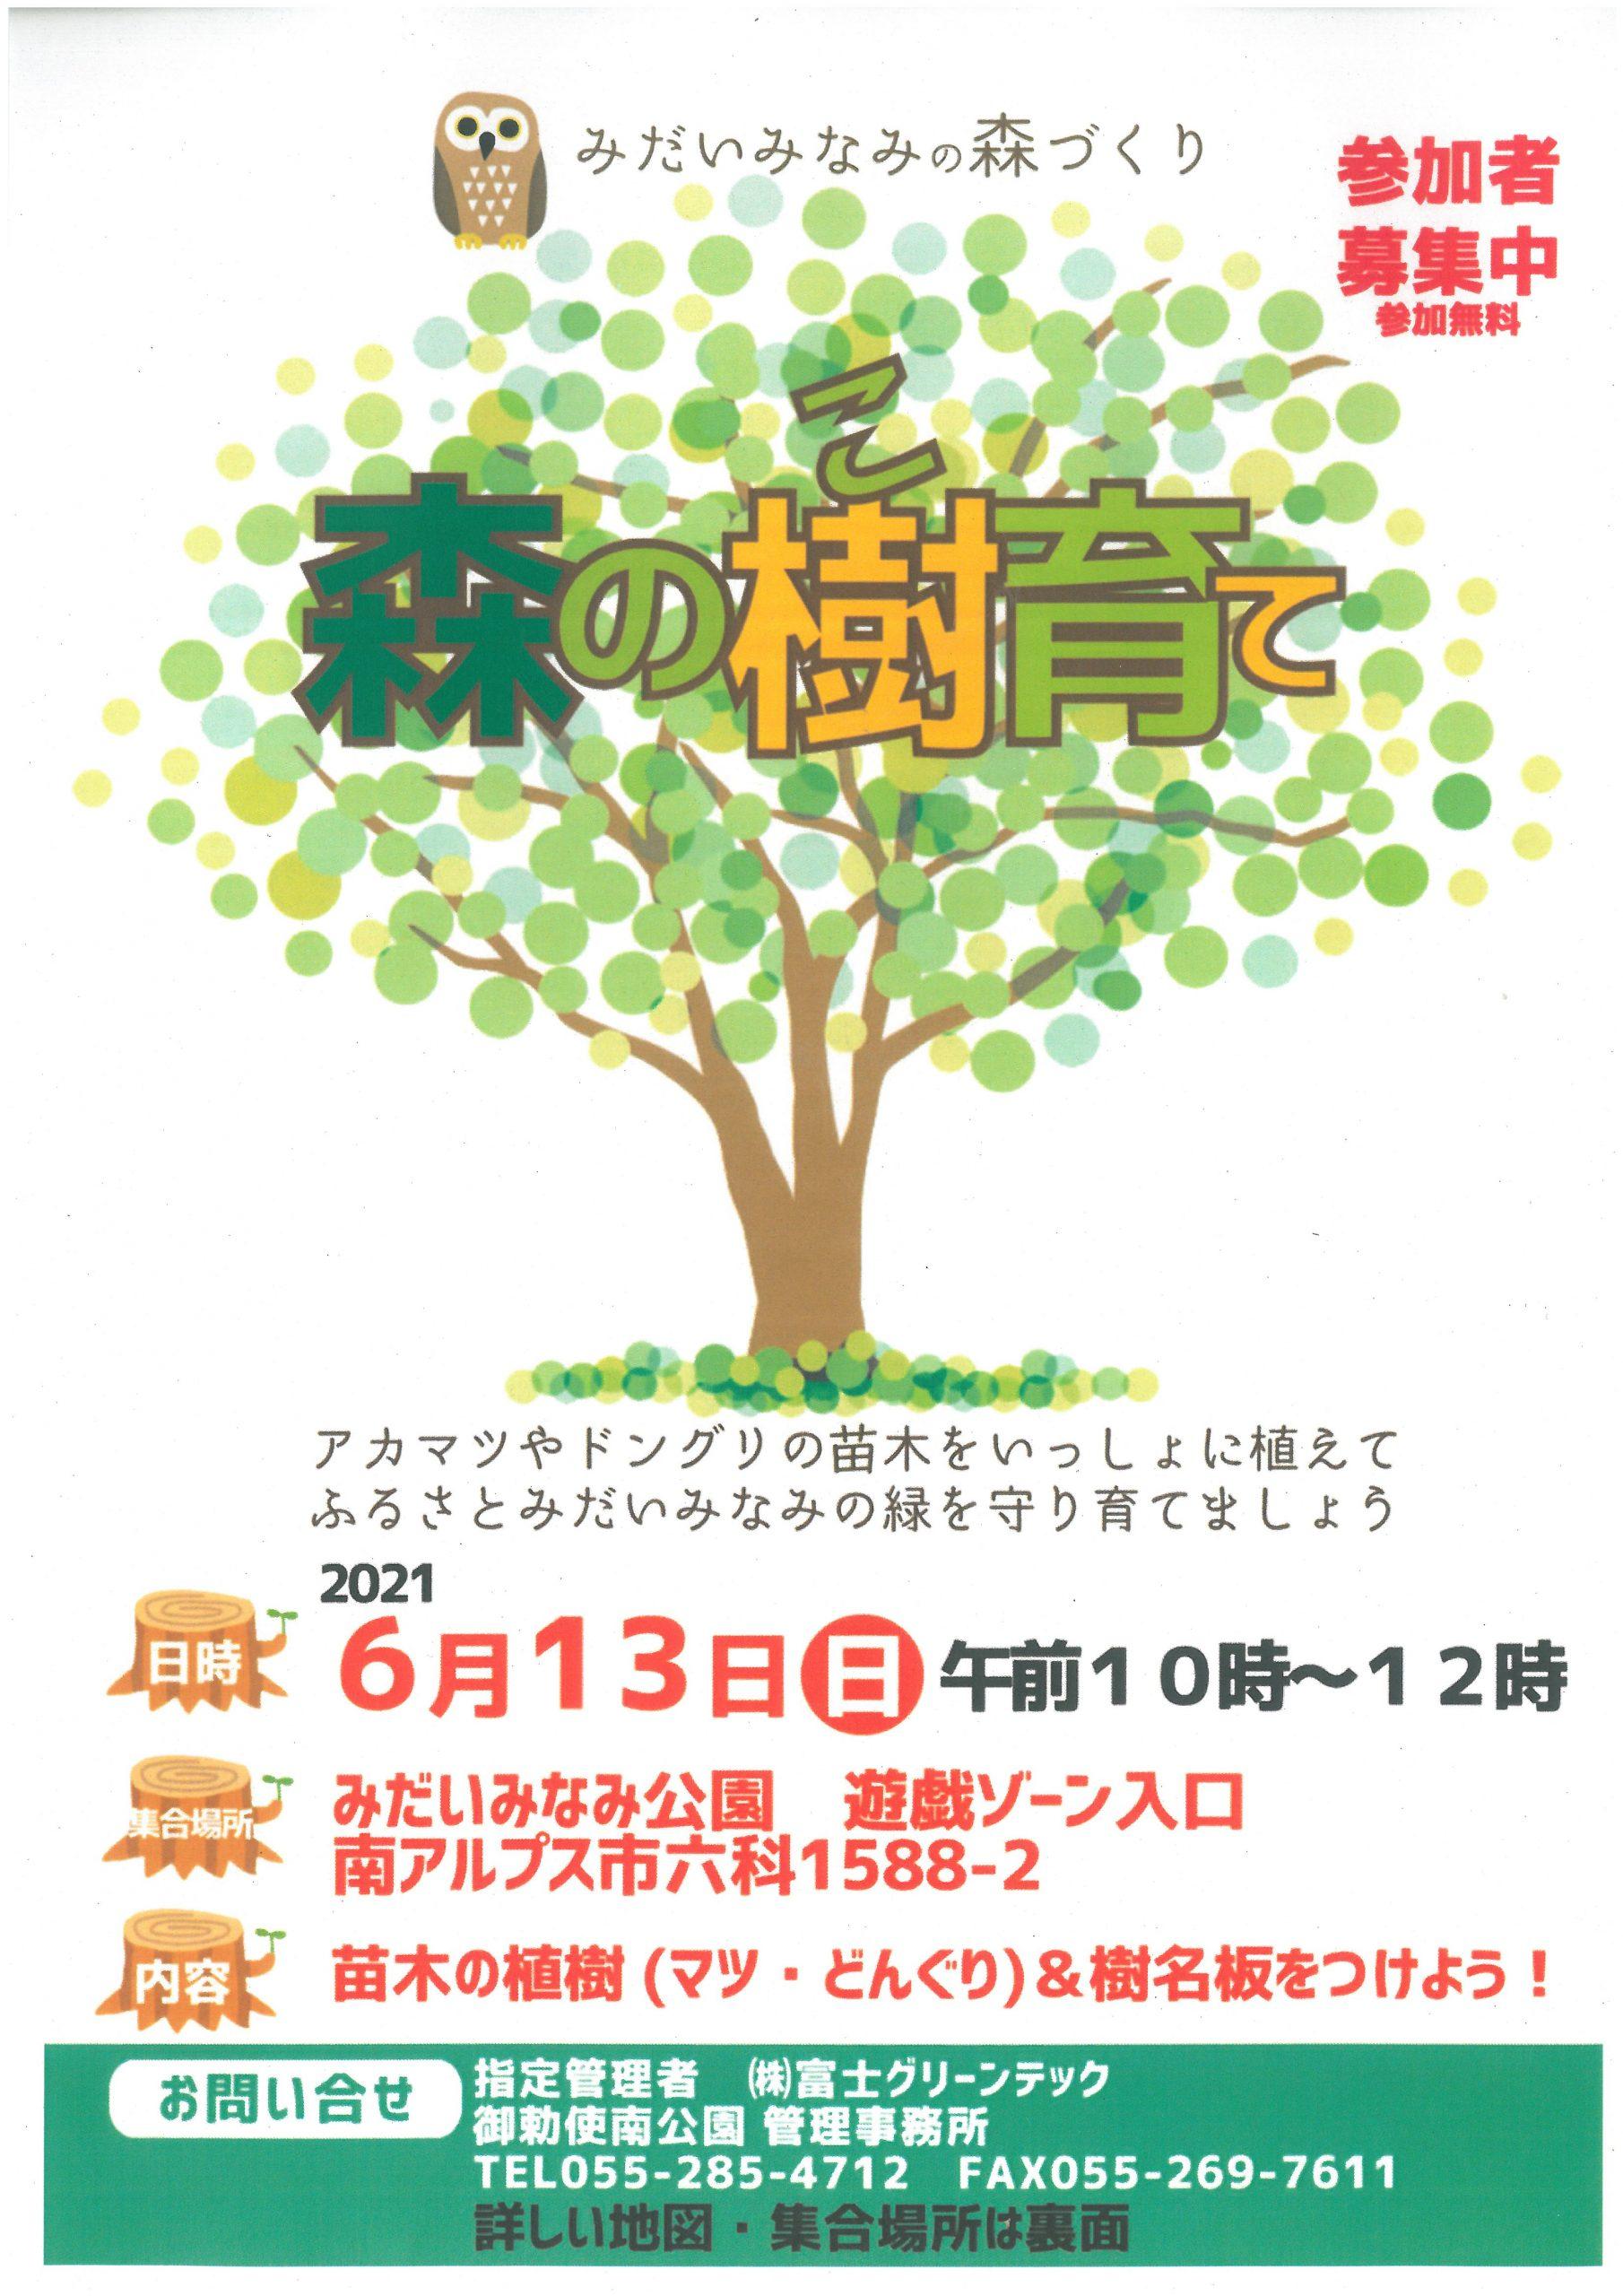 御勅使南公園イベント「森の樹育て」